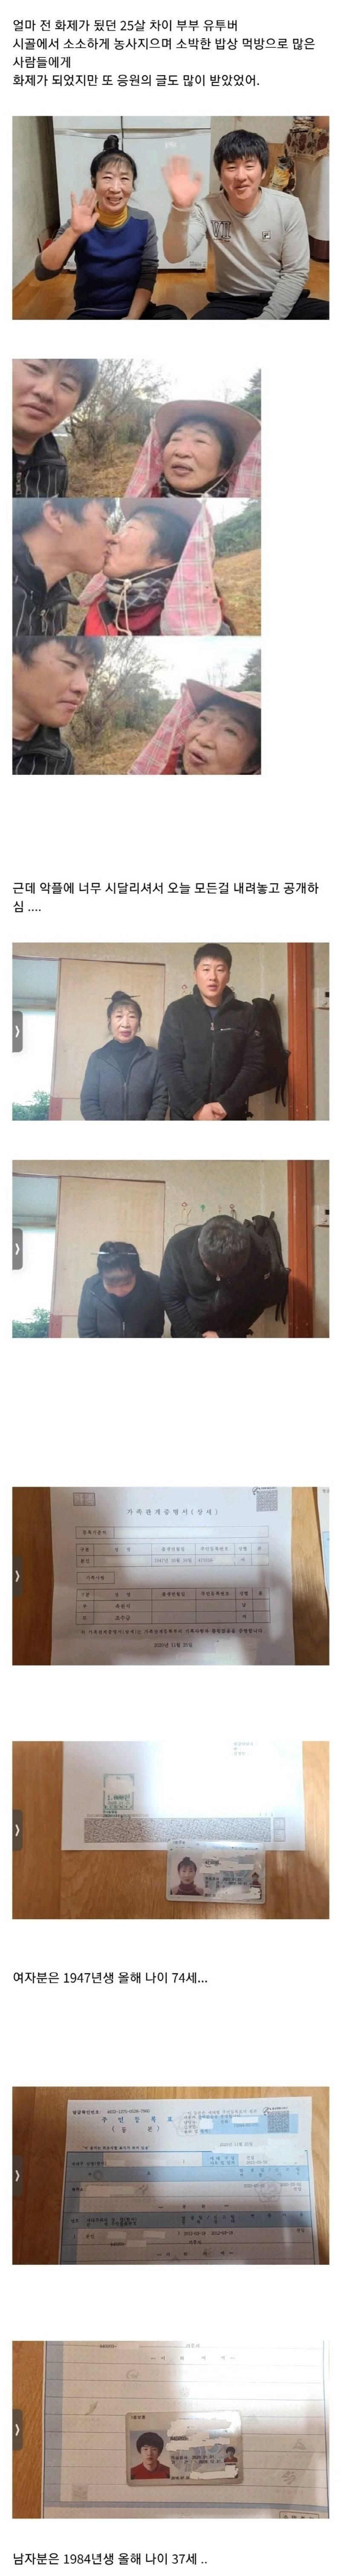 25살 차이 유튜버 부부 실제 나이 공개.jpg | 인스티즈